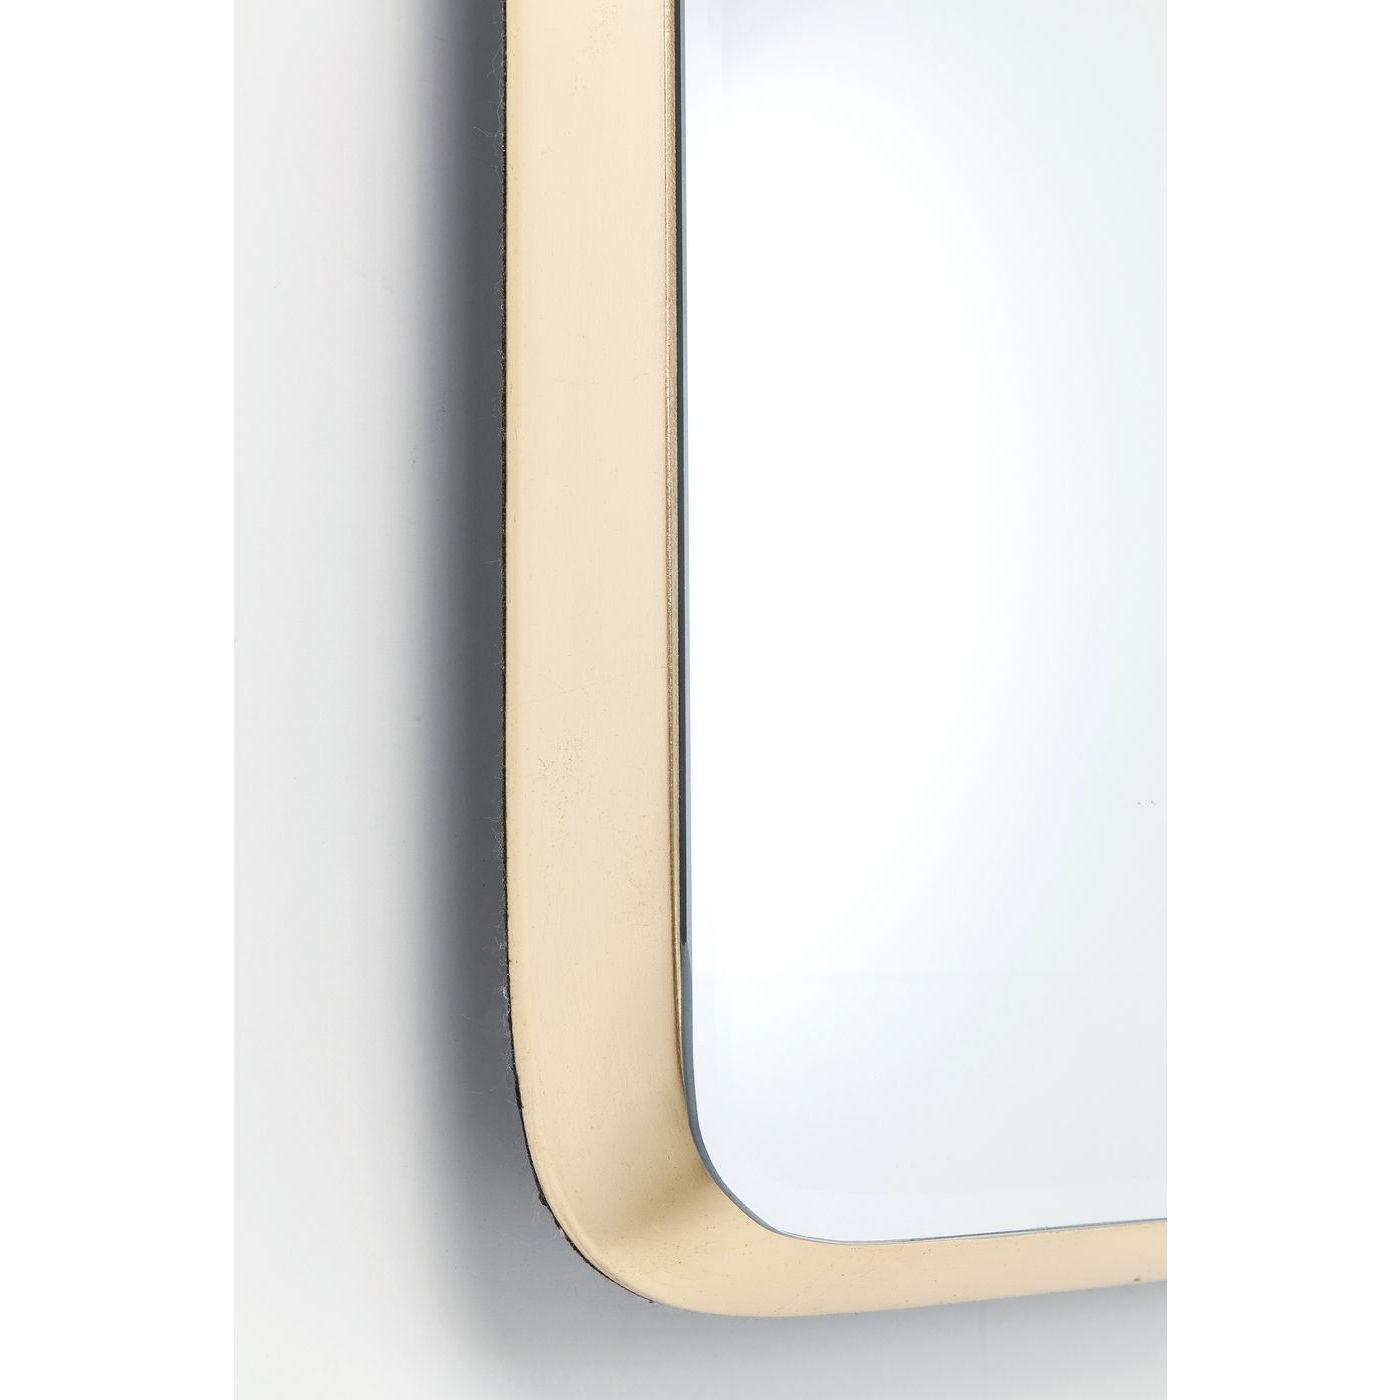 Miroir Jetset rectangulaire 94x64cm doré Kare Design